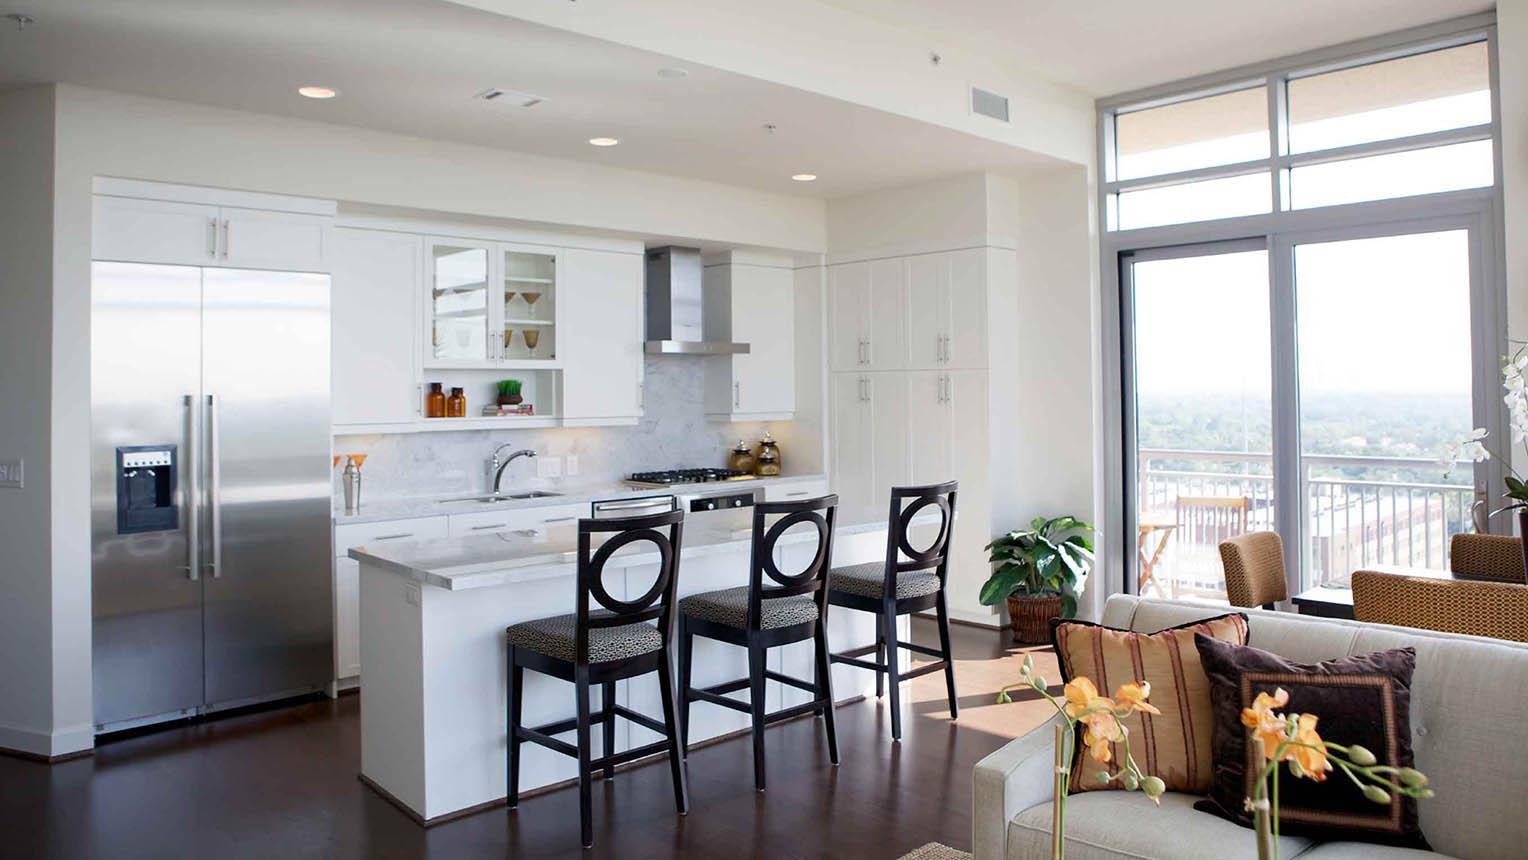 executive housing kitchen